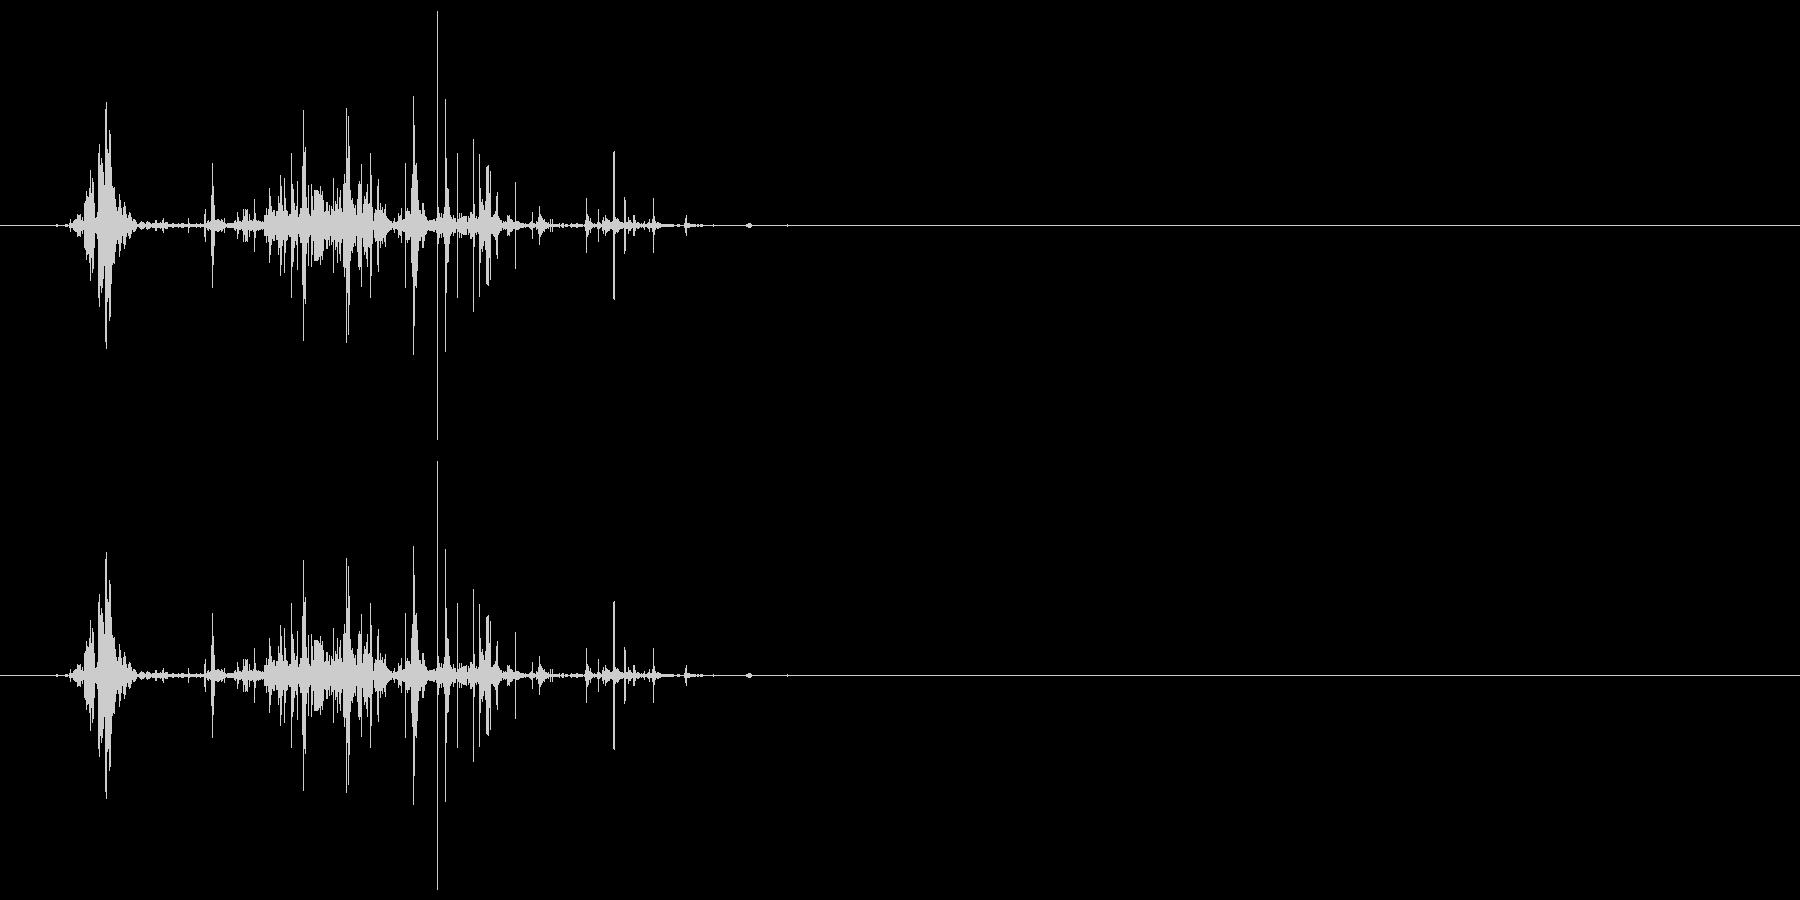 ネバネバしたものを潰す音6の未再生の波形